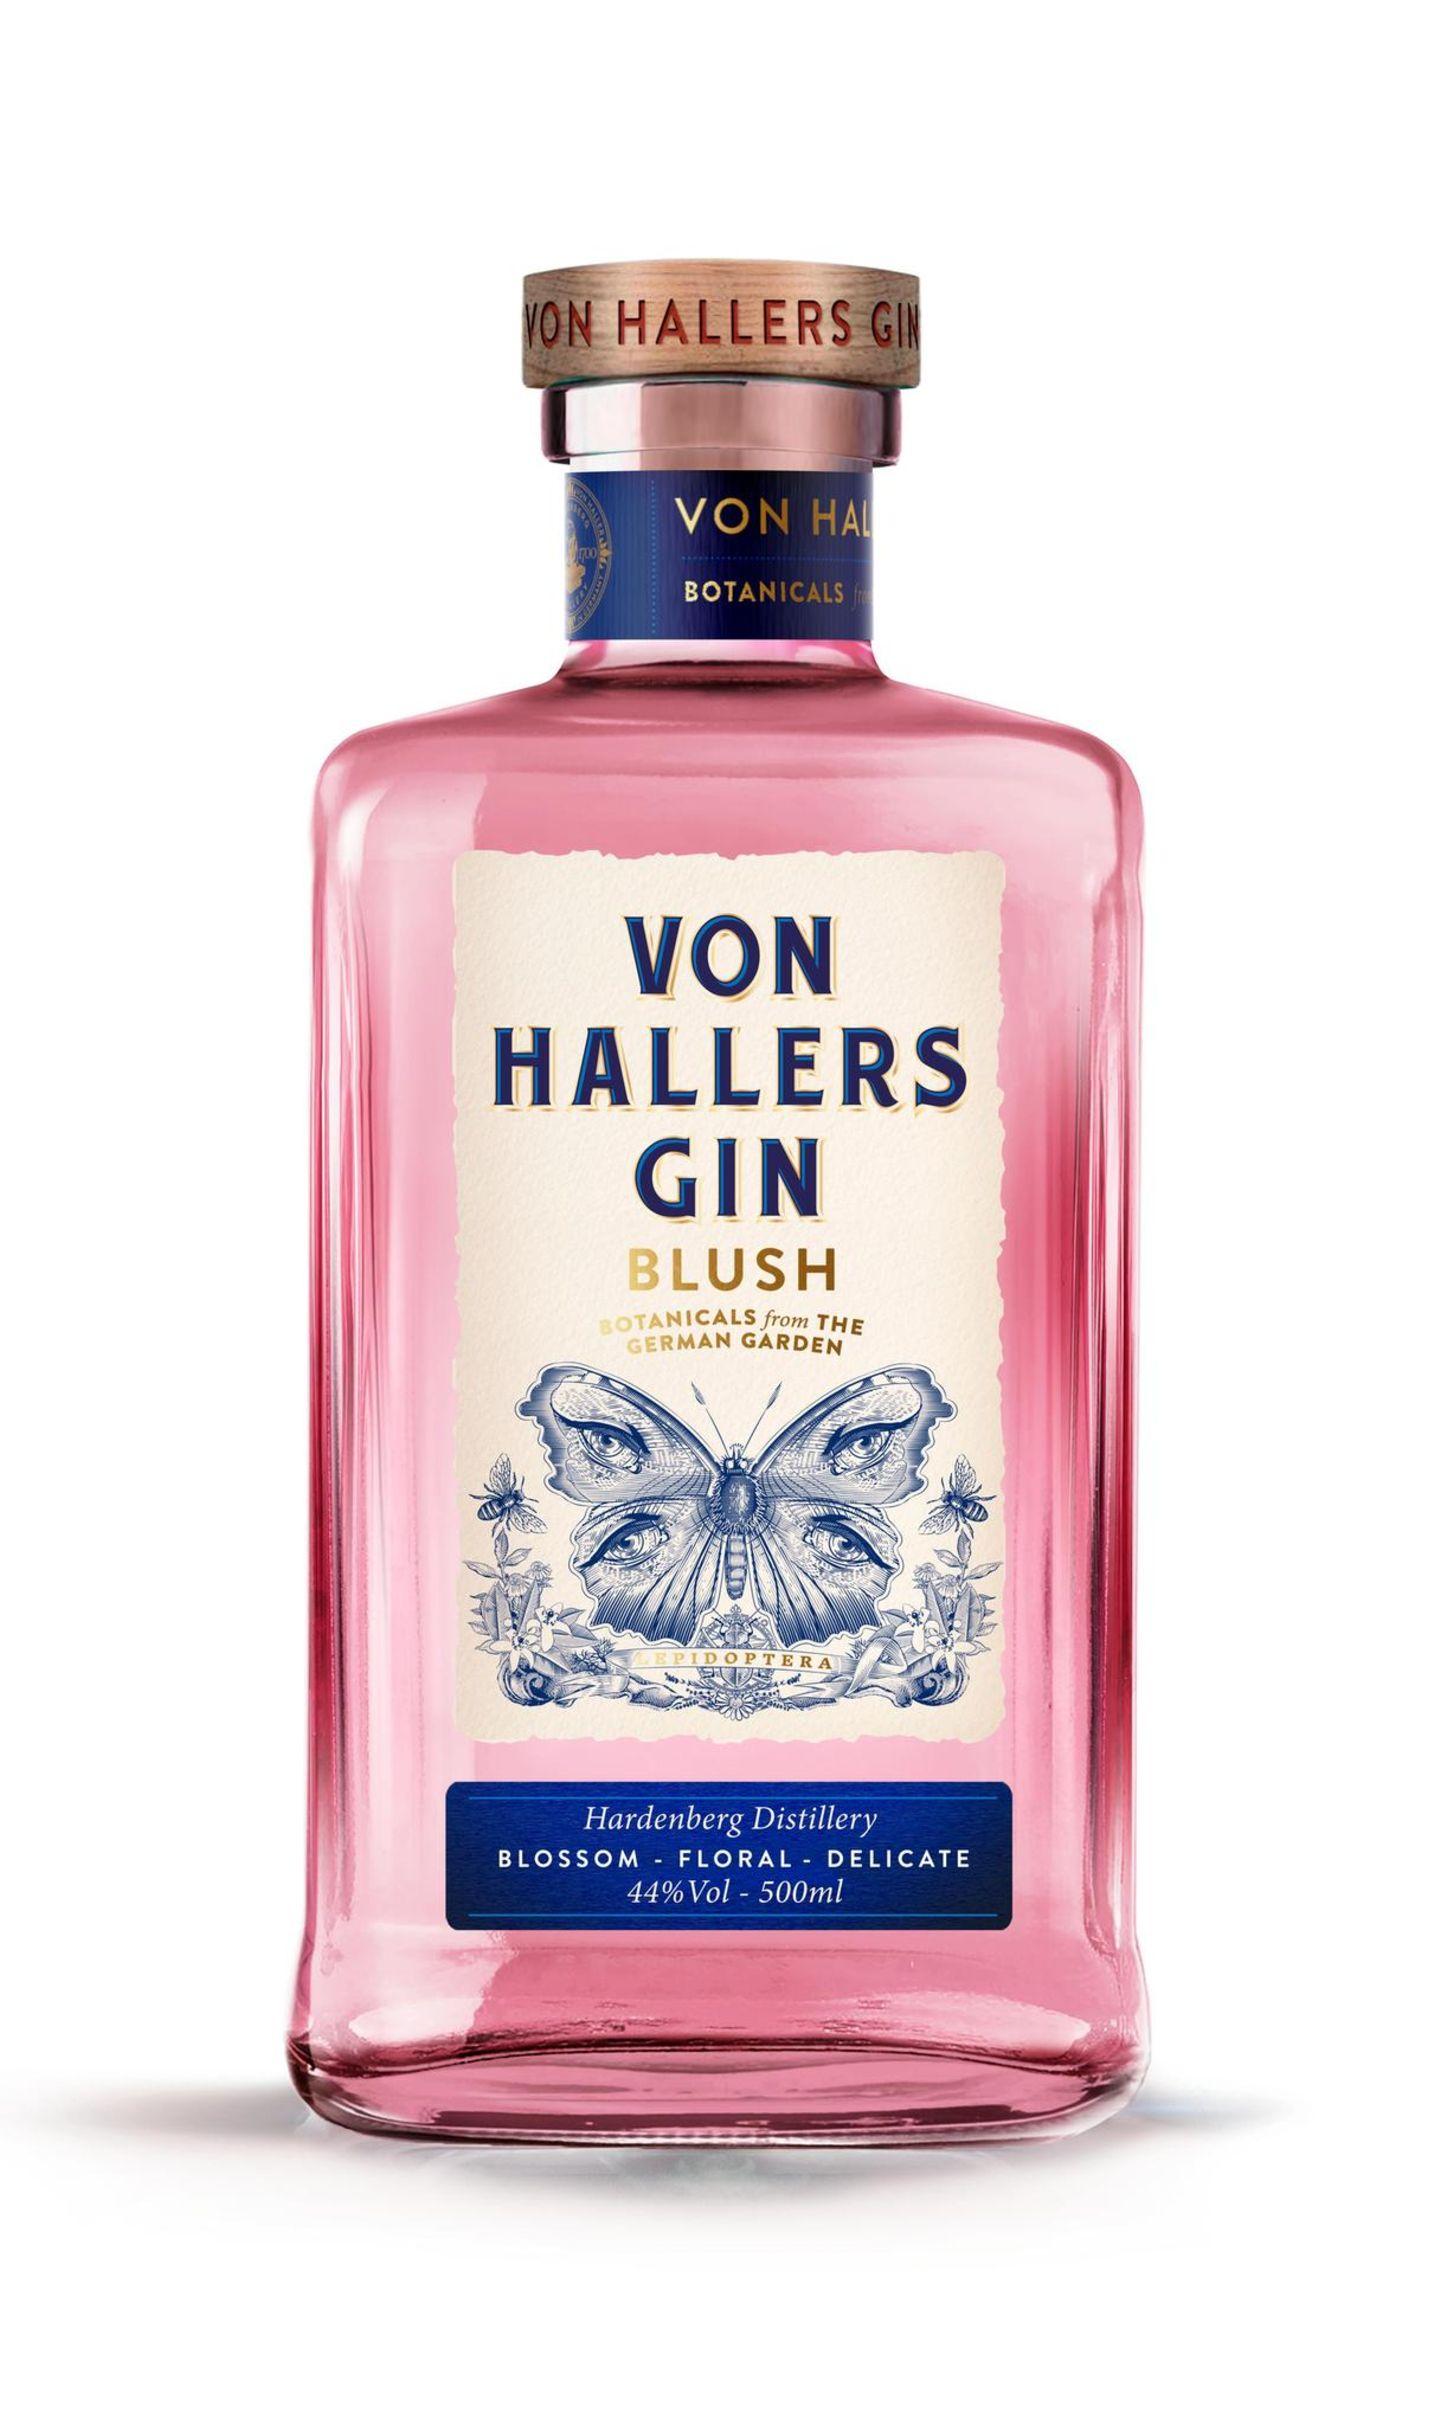 Food News: VON HALLERS Gin Blush